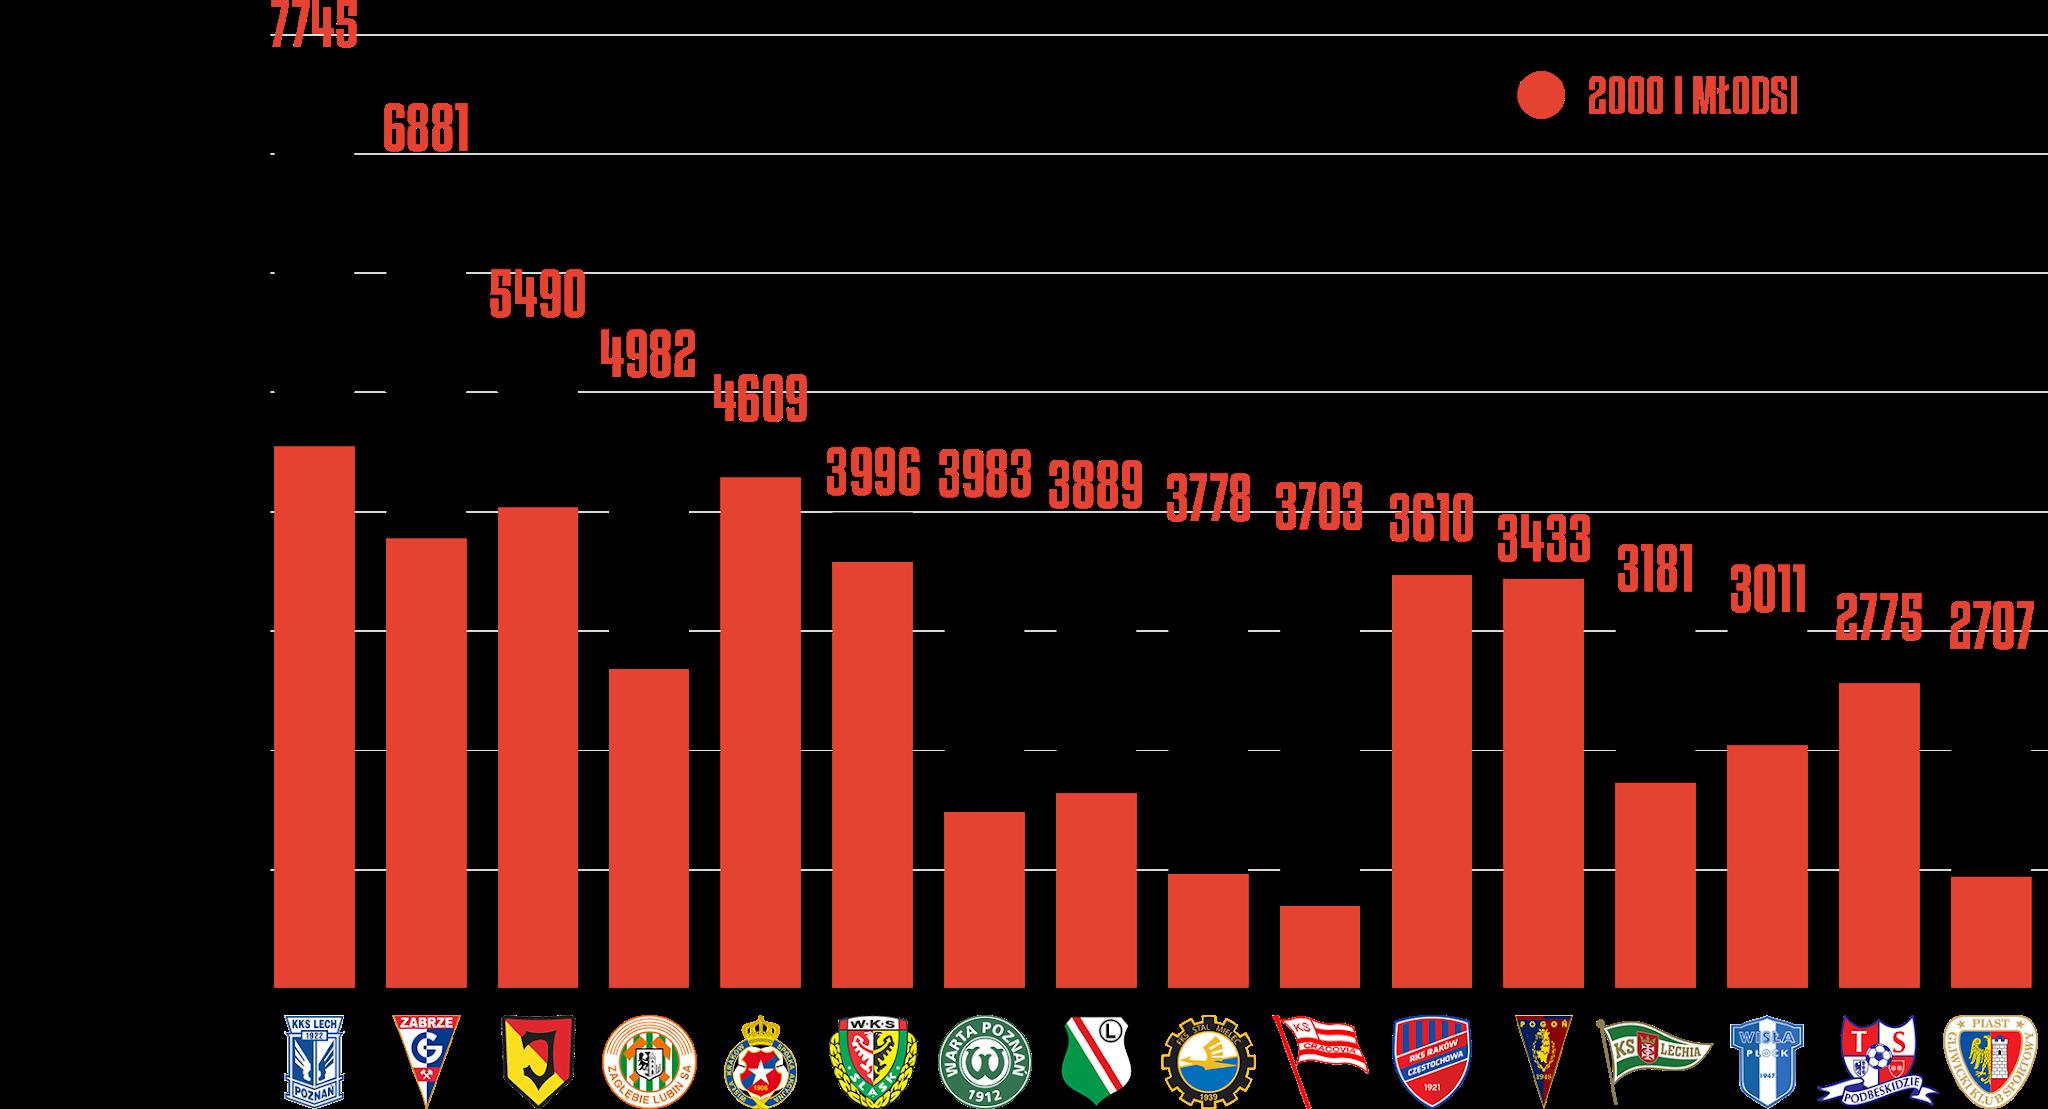 Klasyfikacja klubów pod względem rozegranego czasu przez młodzieżowców po30kolejkach PKO Ekstraklasy 2020/21<br><br>Źródło: Opracowanie własne na podstawie ekstrastats.pl<br><br>graf. Bartosz Urban